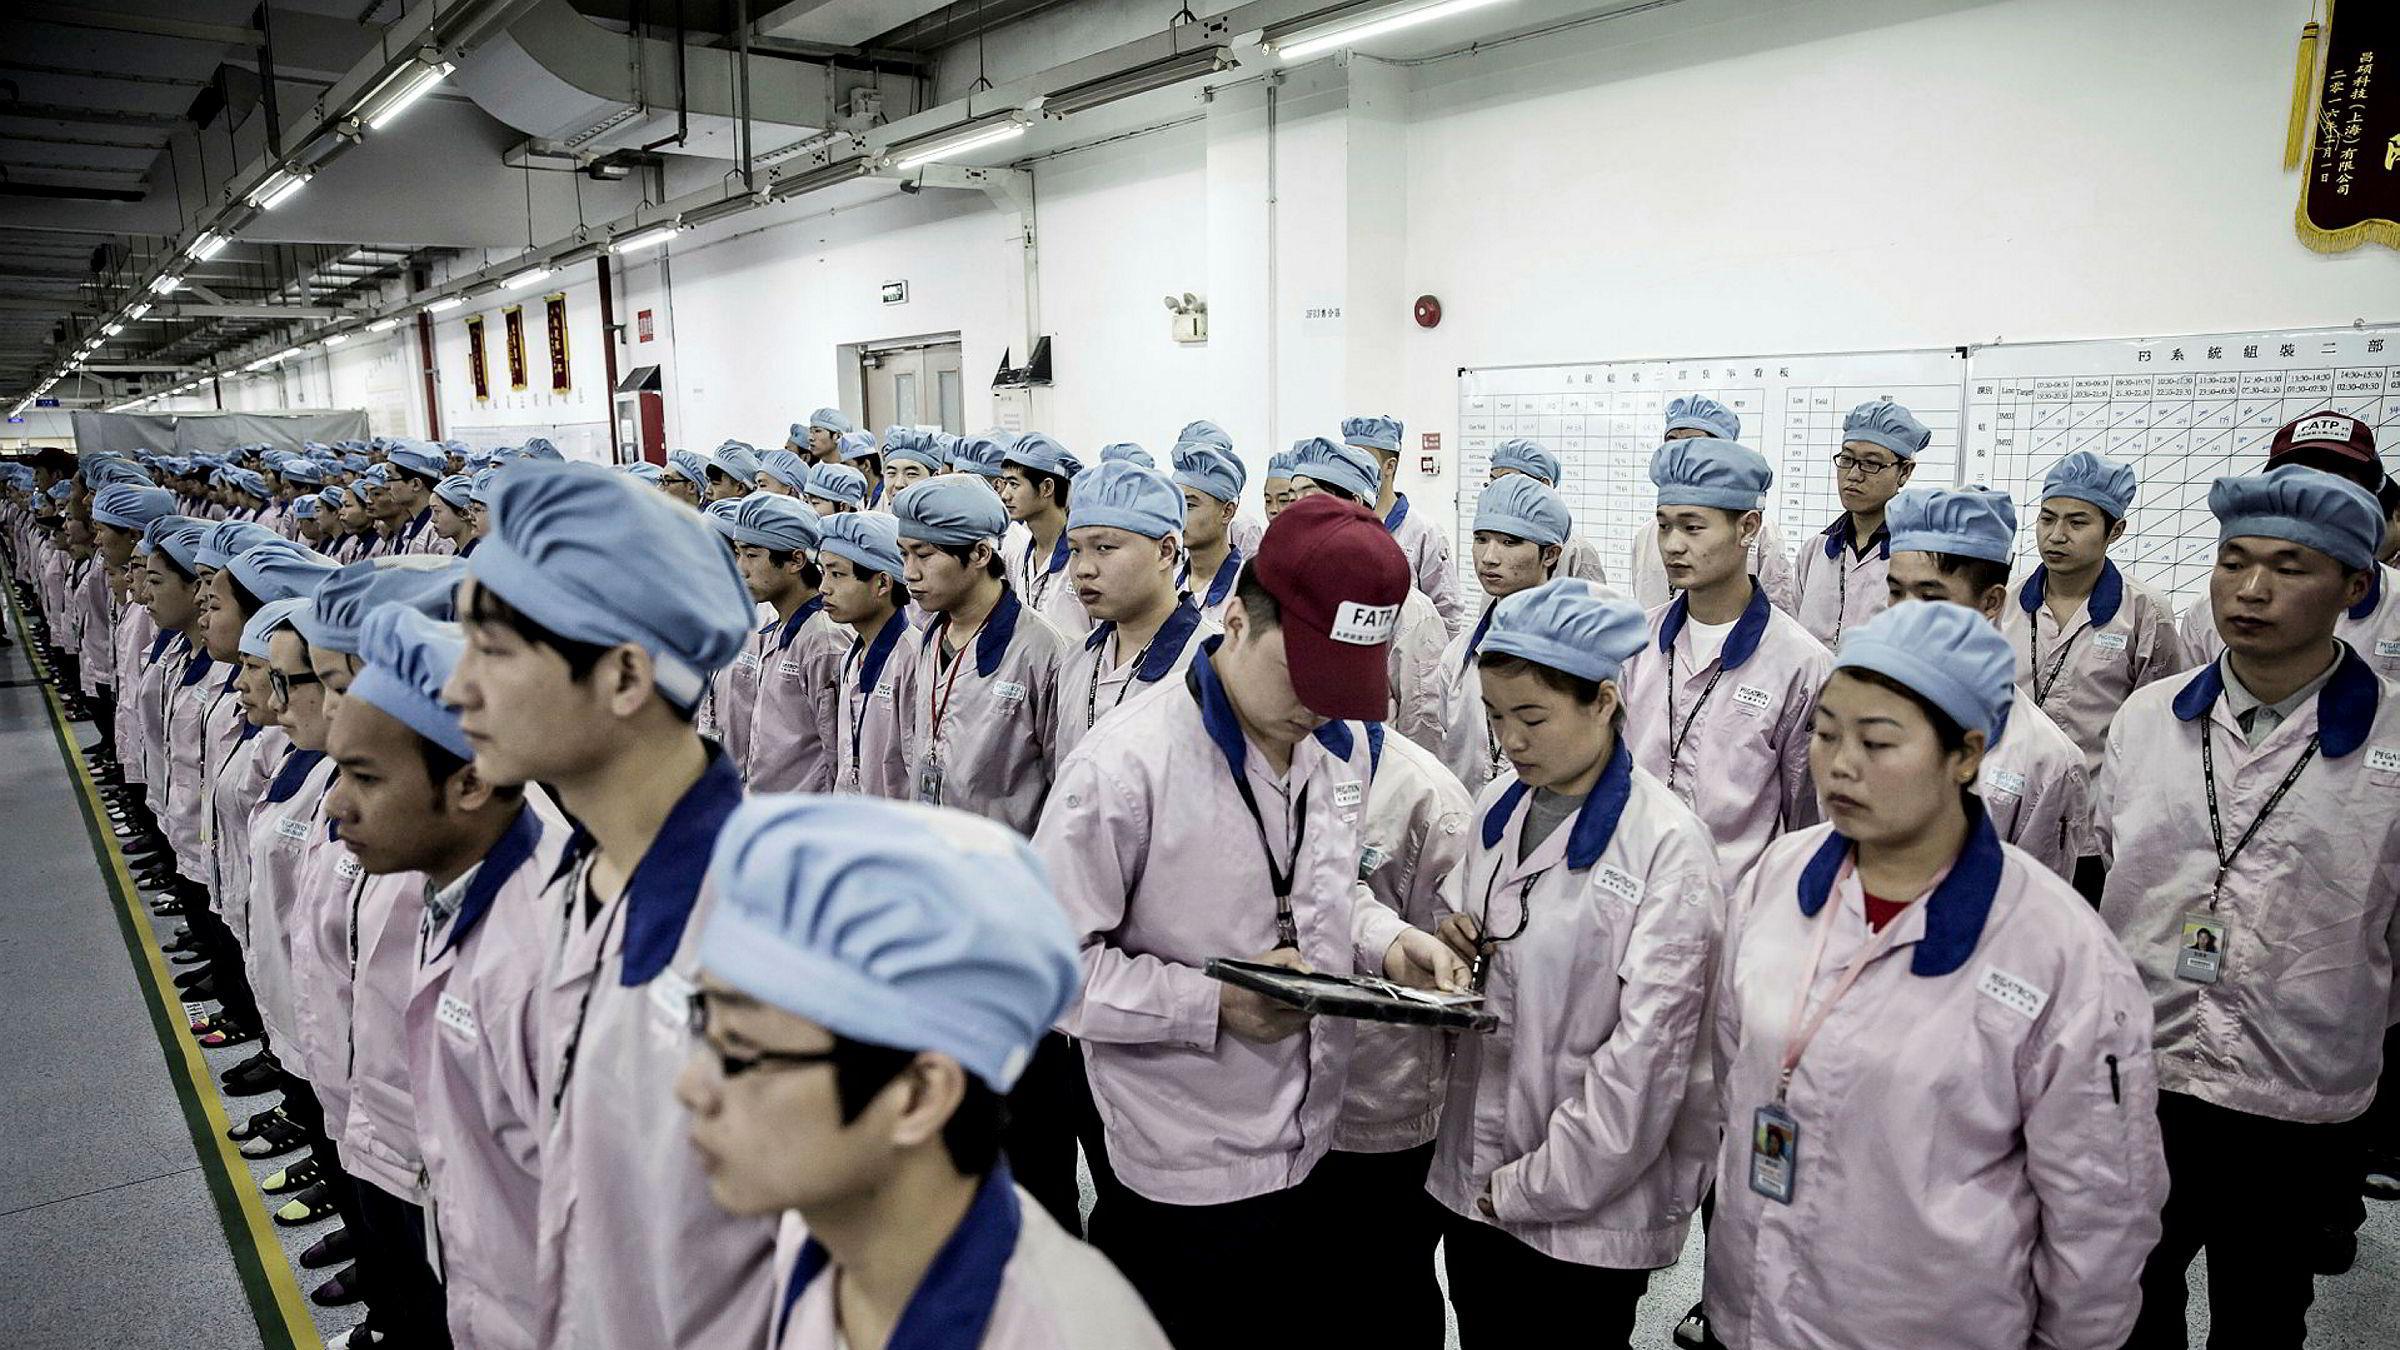 I Kina er lederstilen ofte preget av streng disiplin og autoritet. Her blir det gjennomført en kontroll av passerkort ved en fabrikk tilhørende Pegatron Corp i Shanghai.